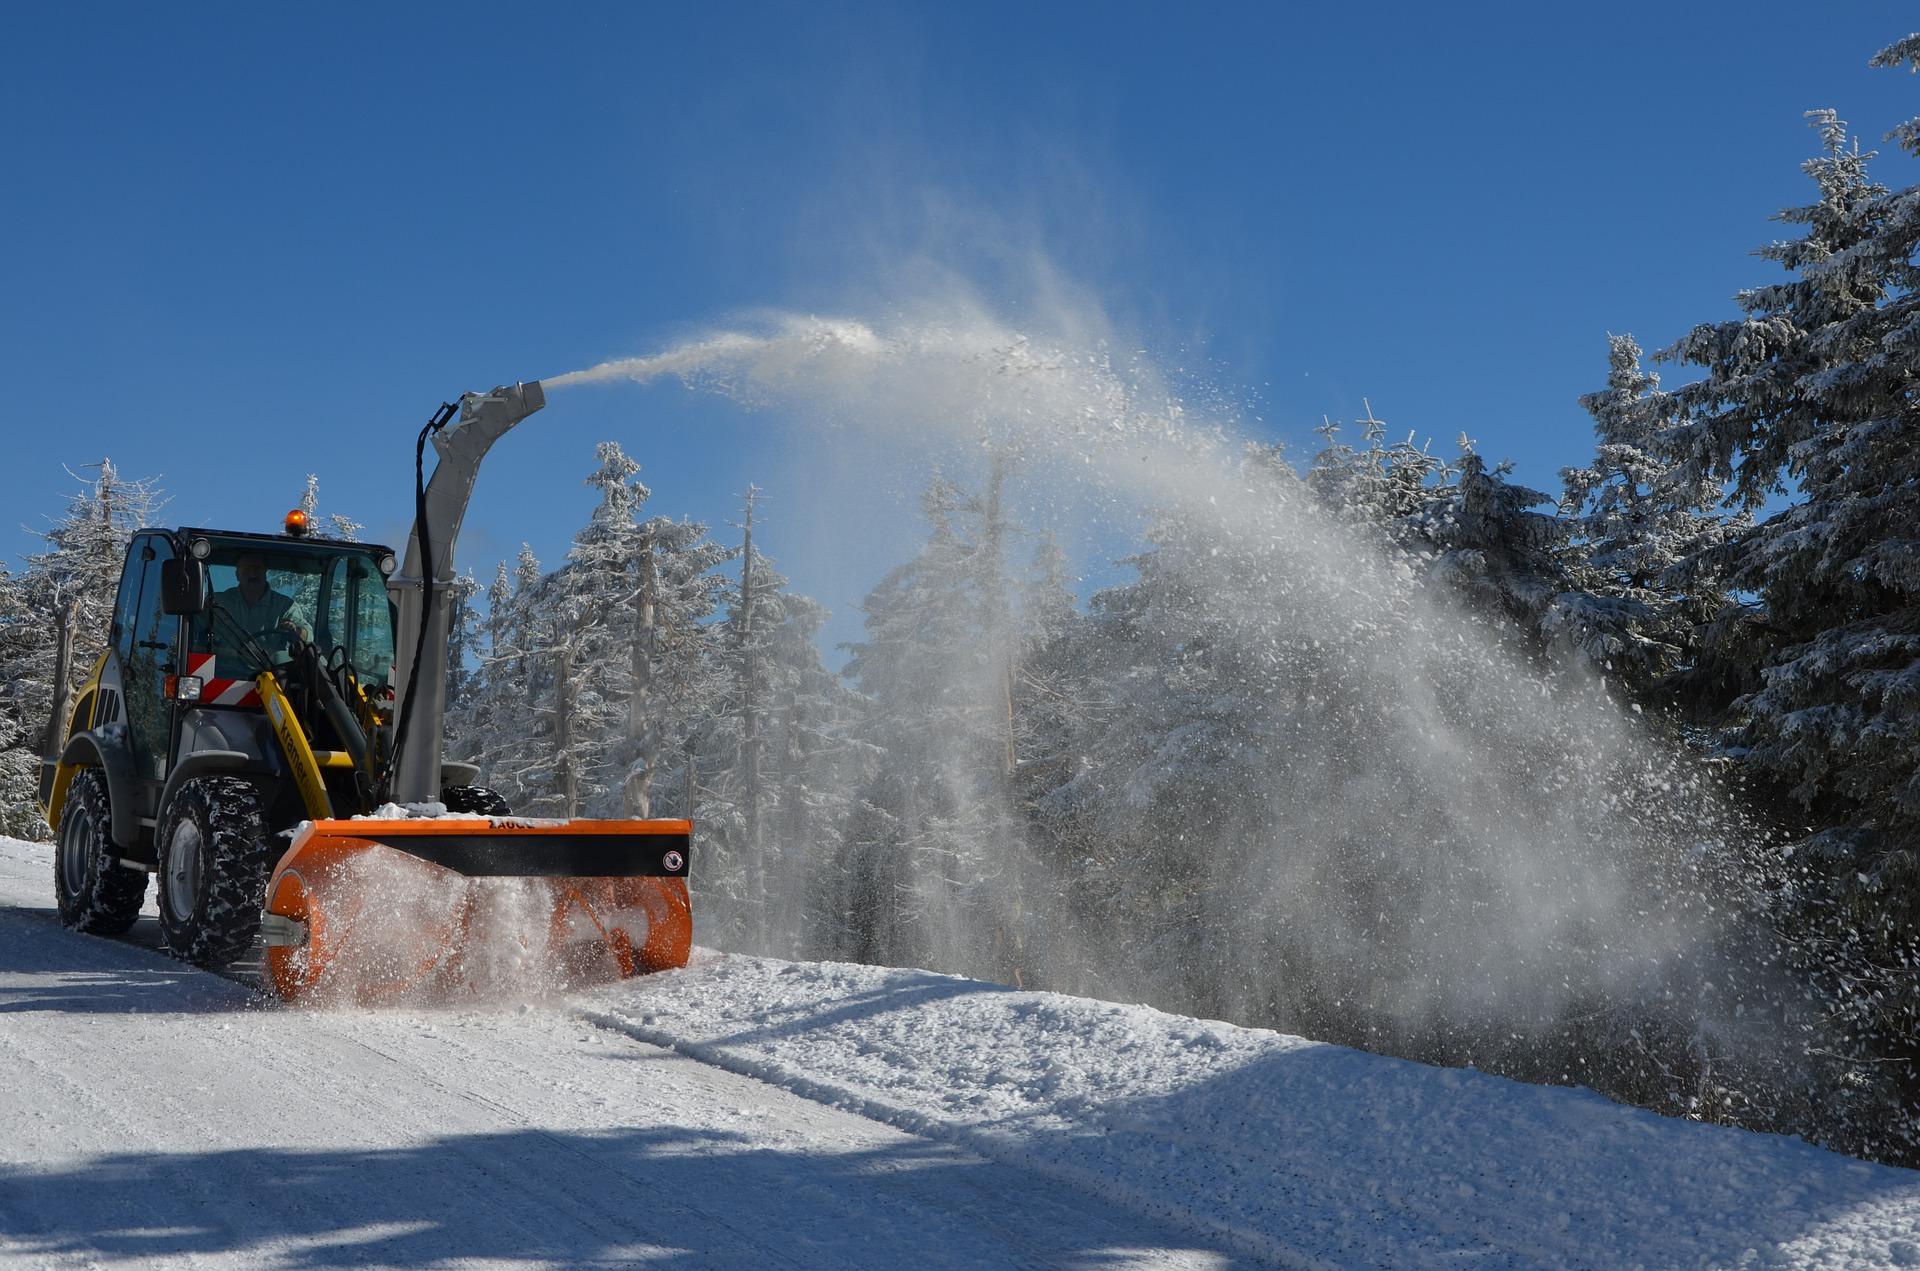 snow-plough-1612476_1920.jpg